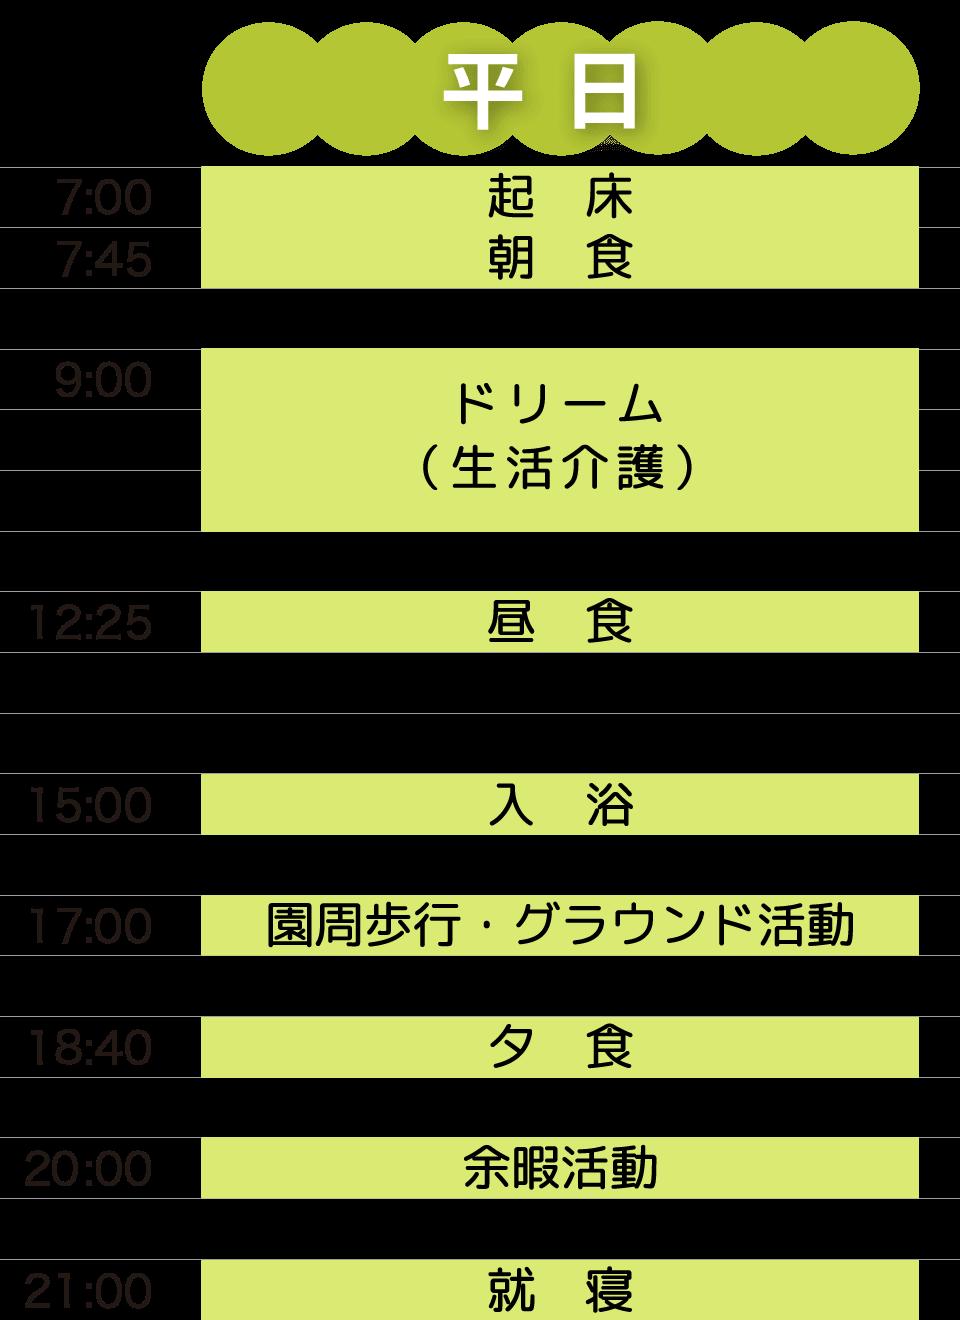 すみよしの里 日課(平日)